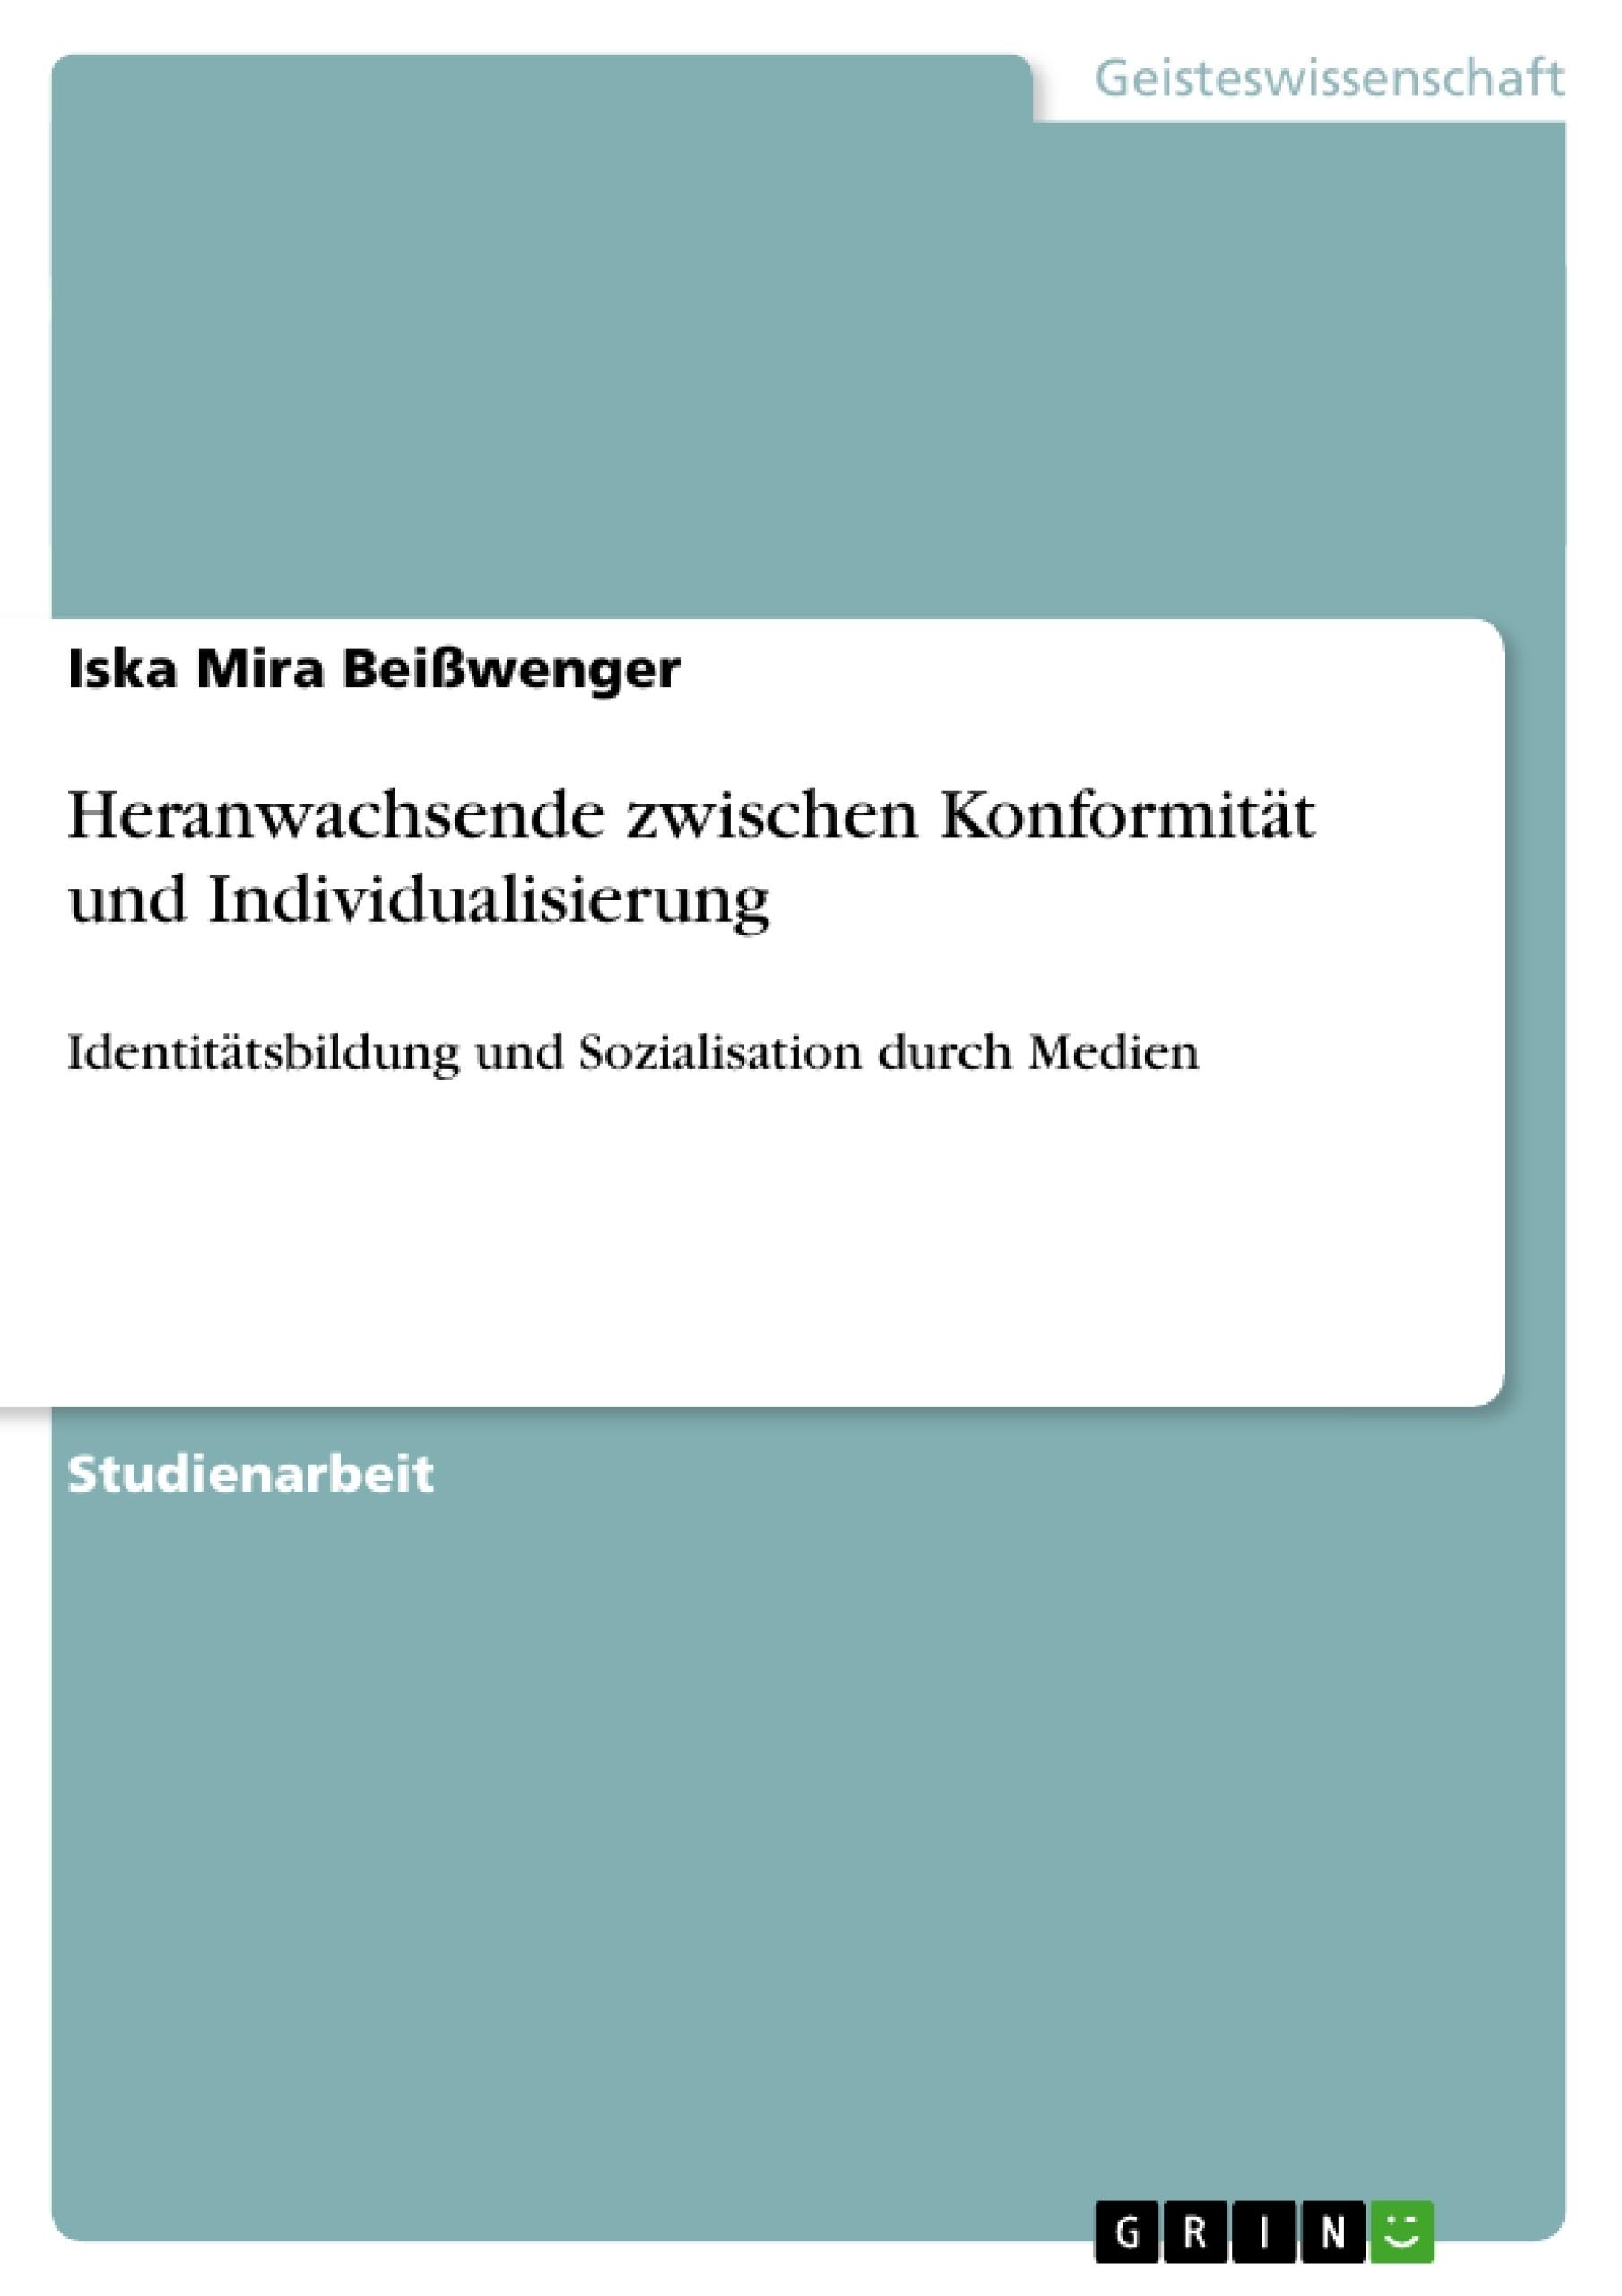 Titel: Heranwachsende zwischen Konformität und Individualisierung